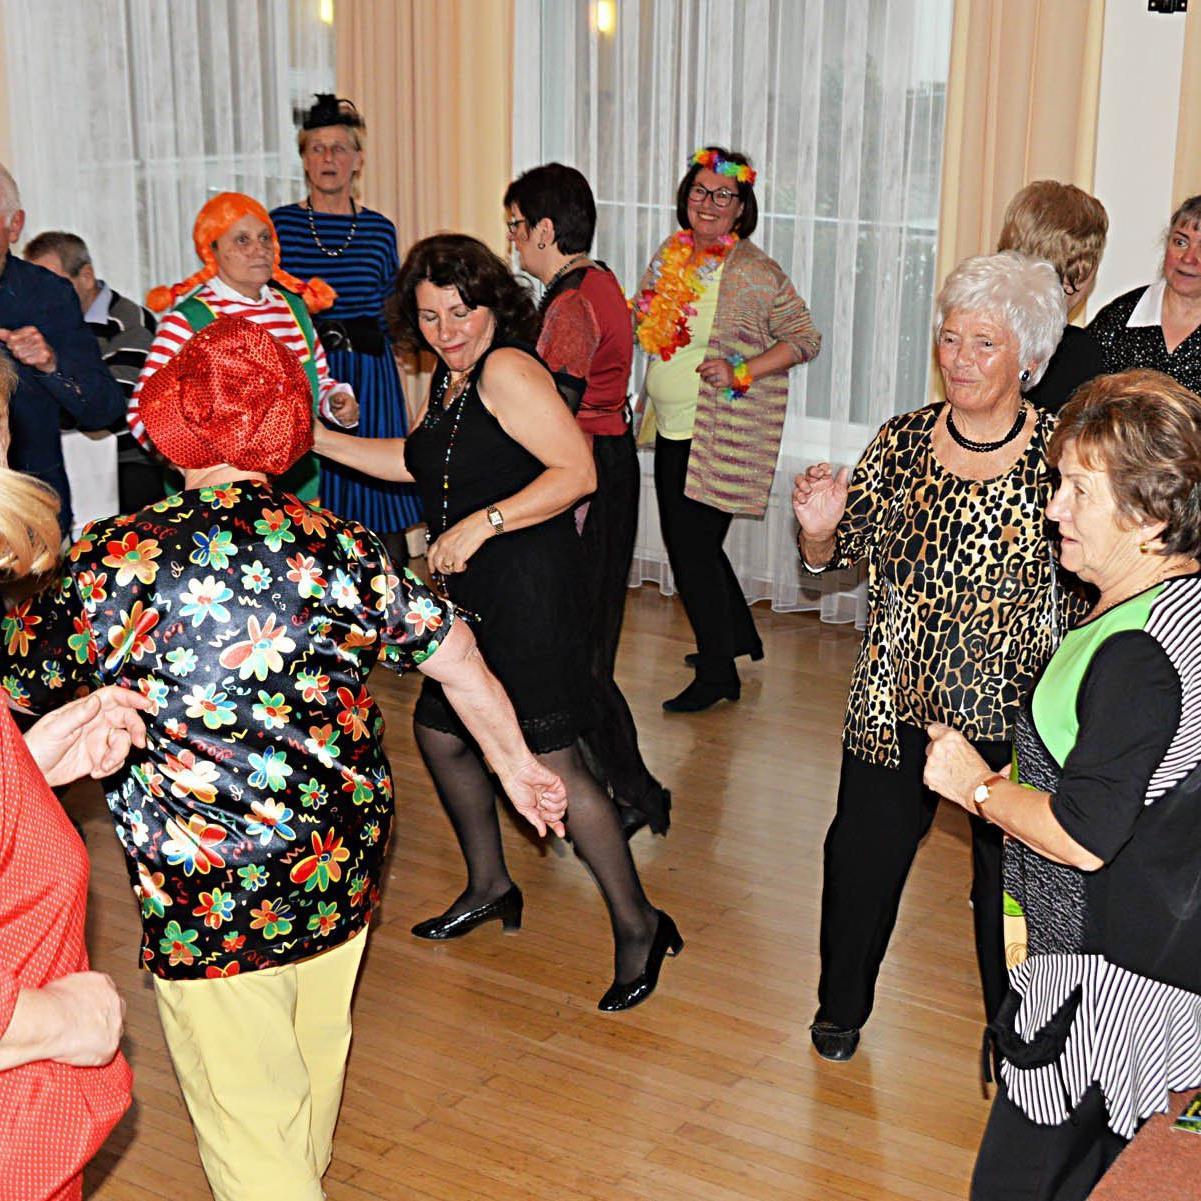 Schwung und gute Laune war Trumpf beim Faschingsnachmittag des Dornbirner Seniorenbundes